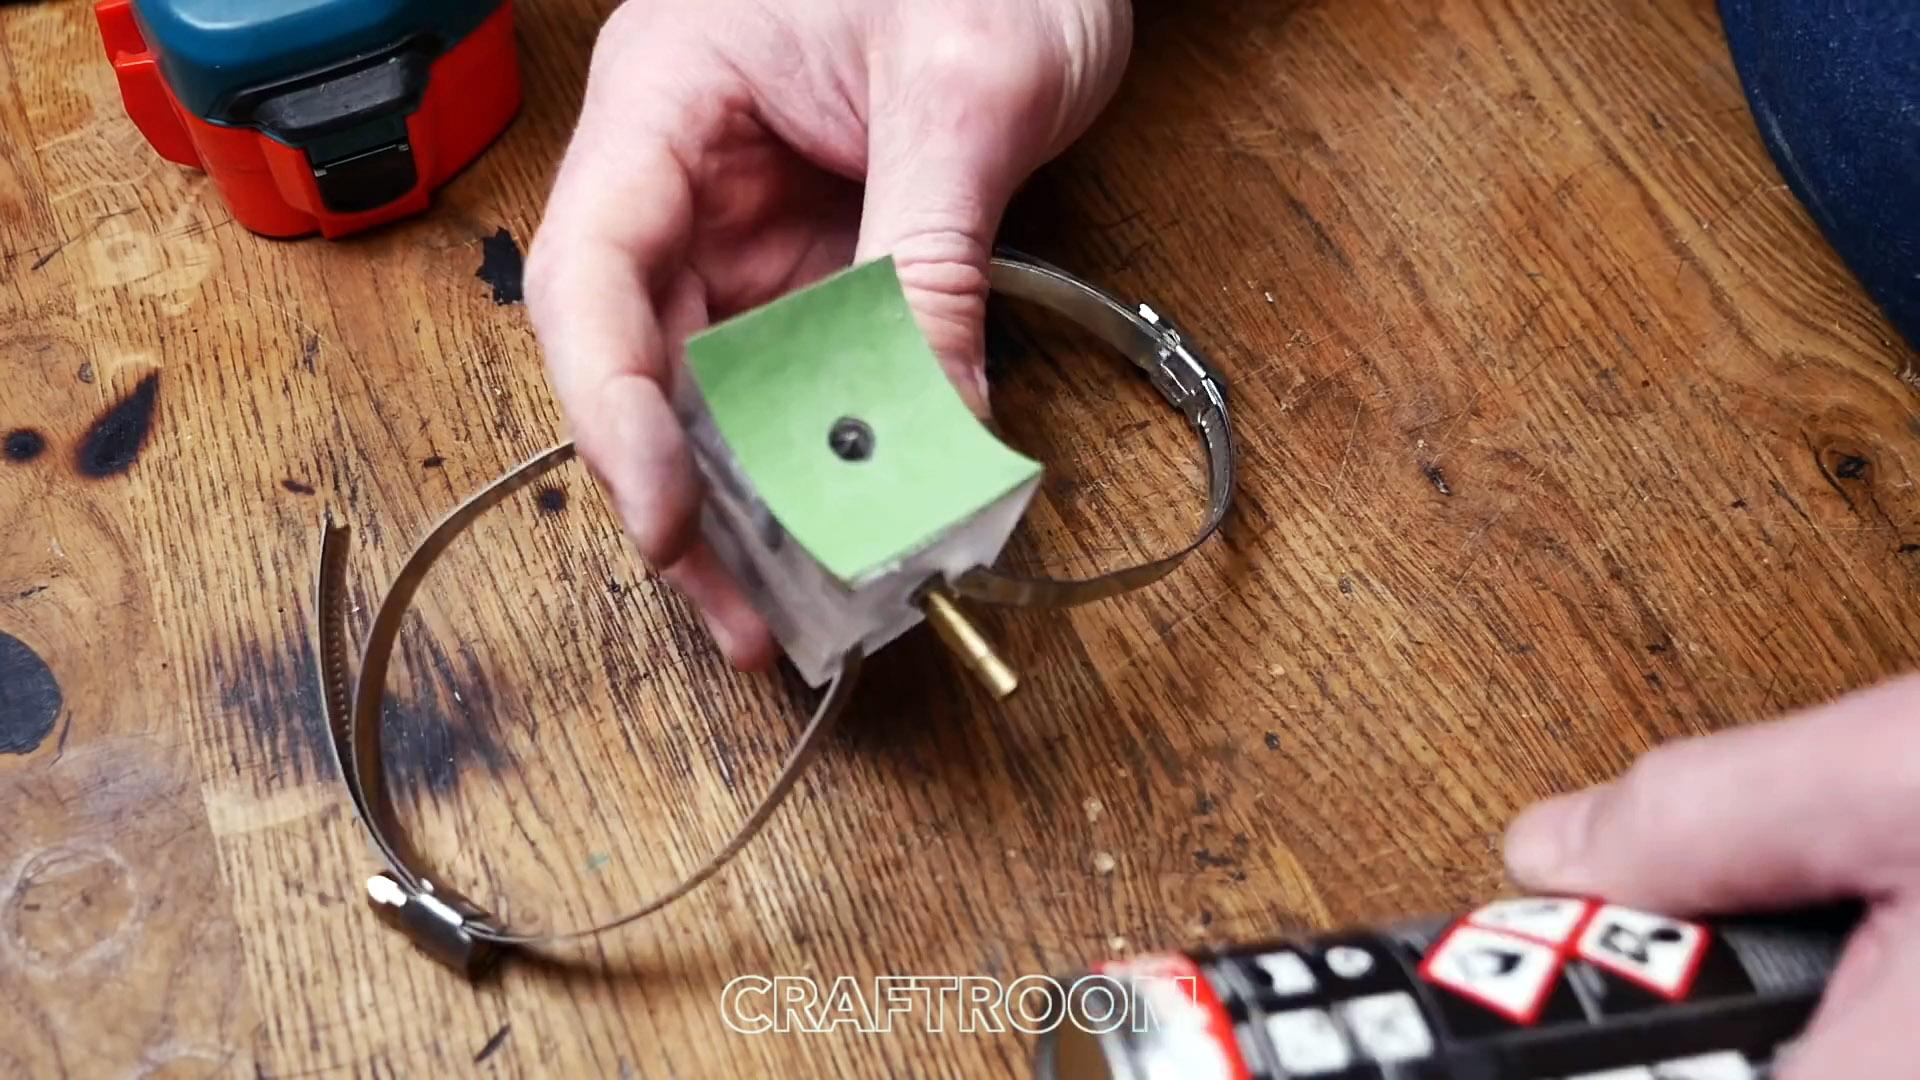 Как использовать остатки засохшего баллона с монтажной пеной? Делаем несложное приспособление